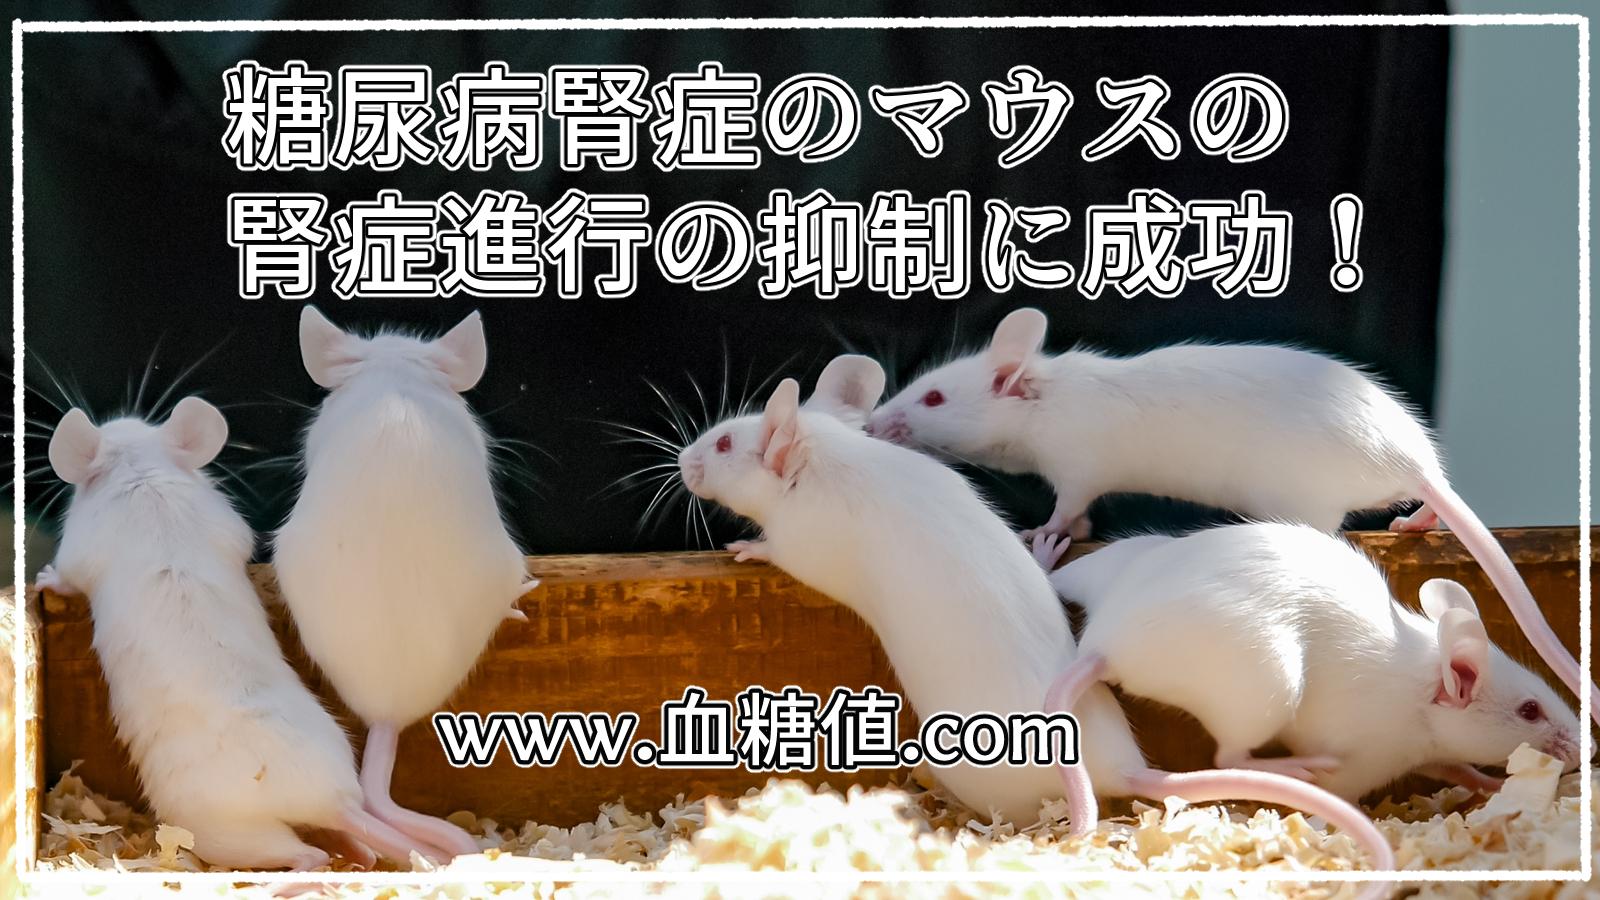 糖尿病腎症のマウスの腎症進行の抑制に成功